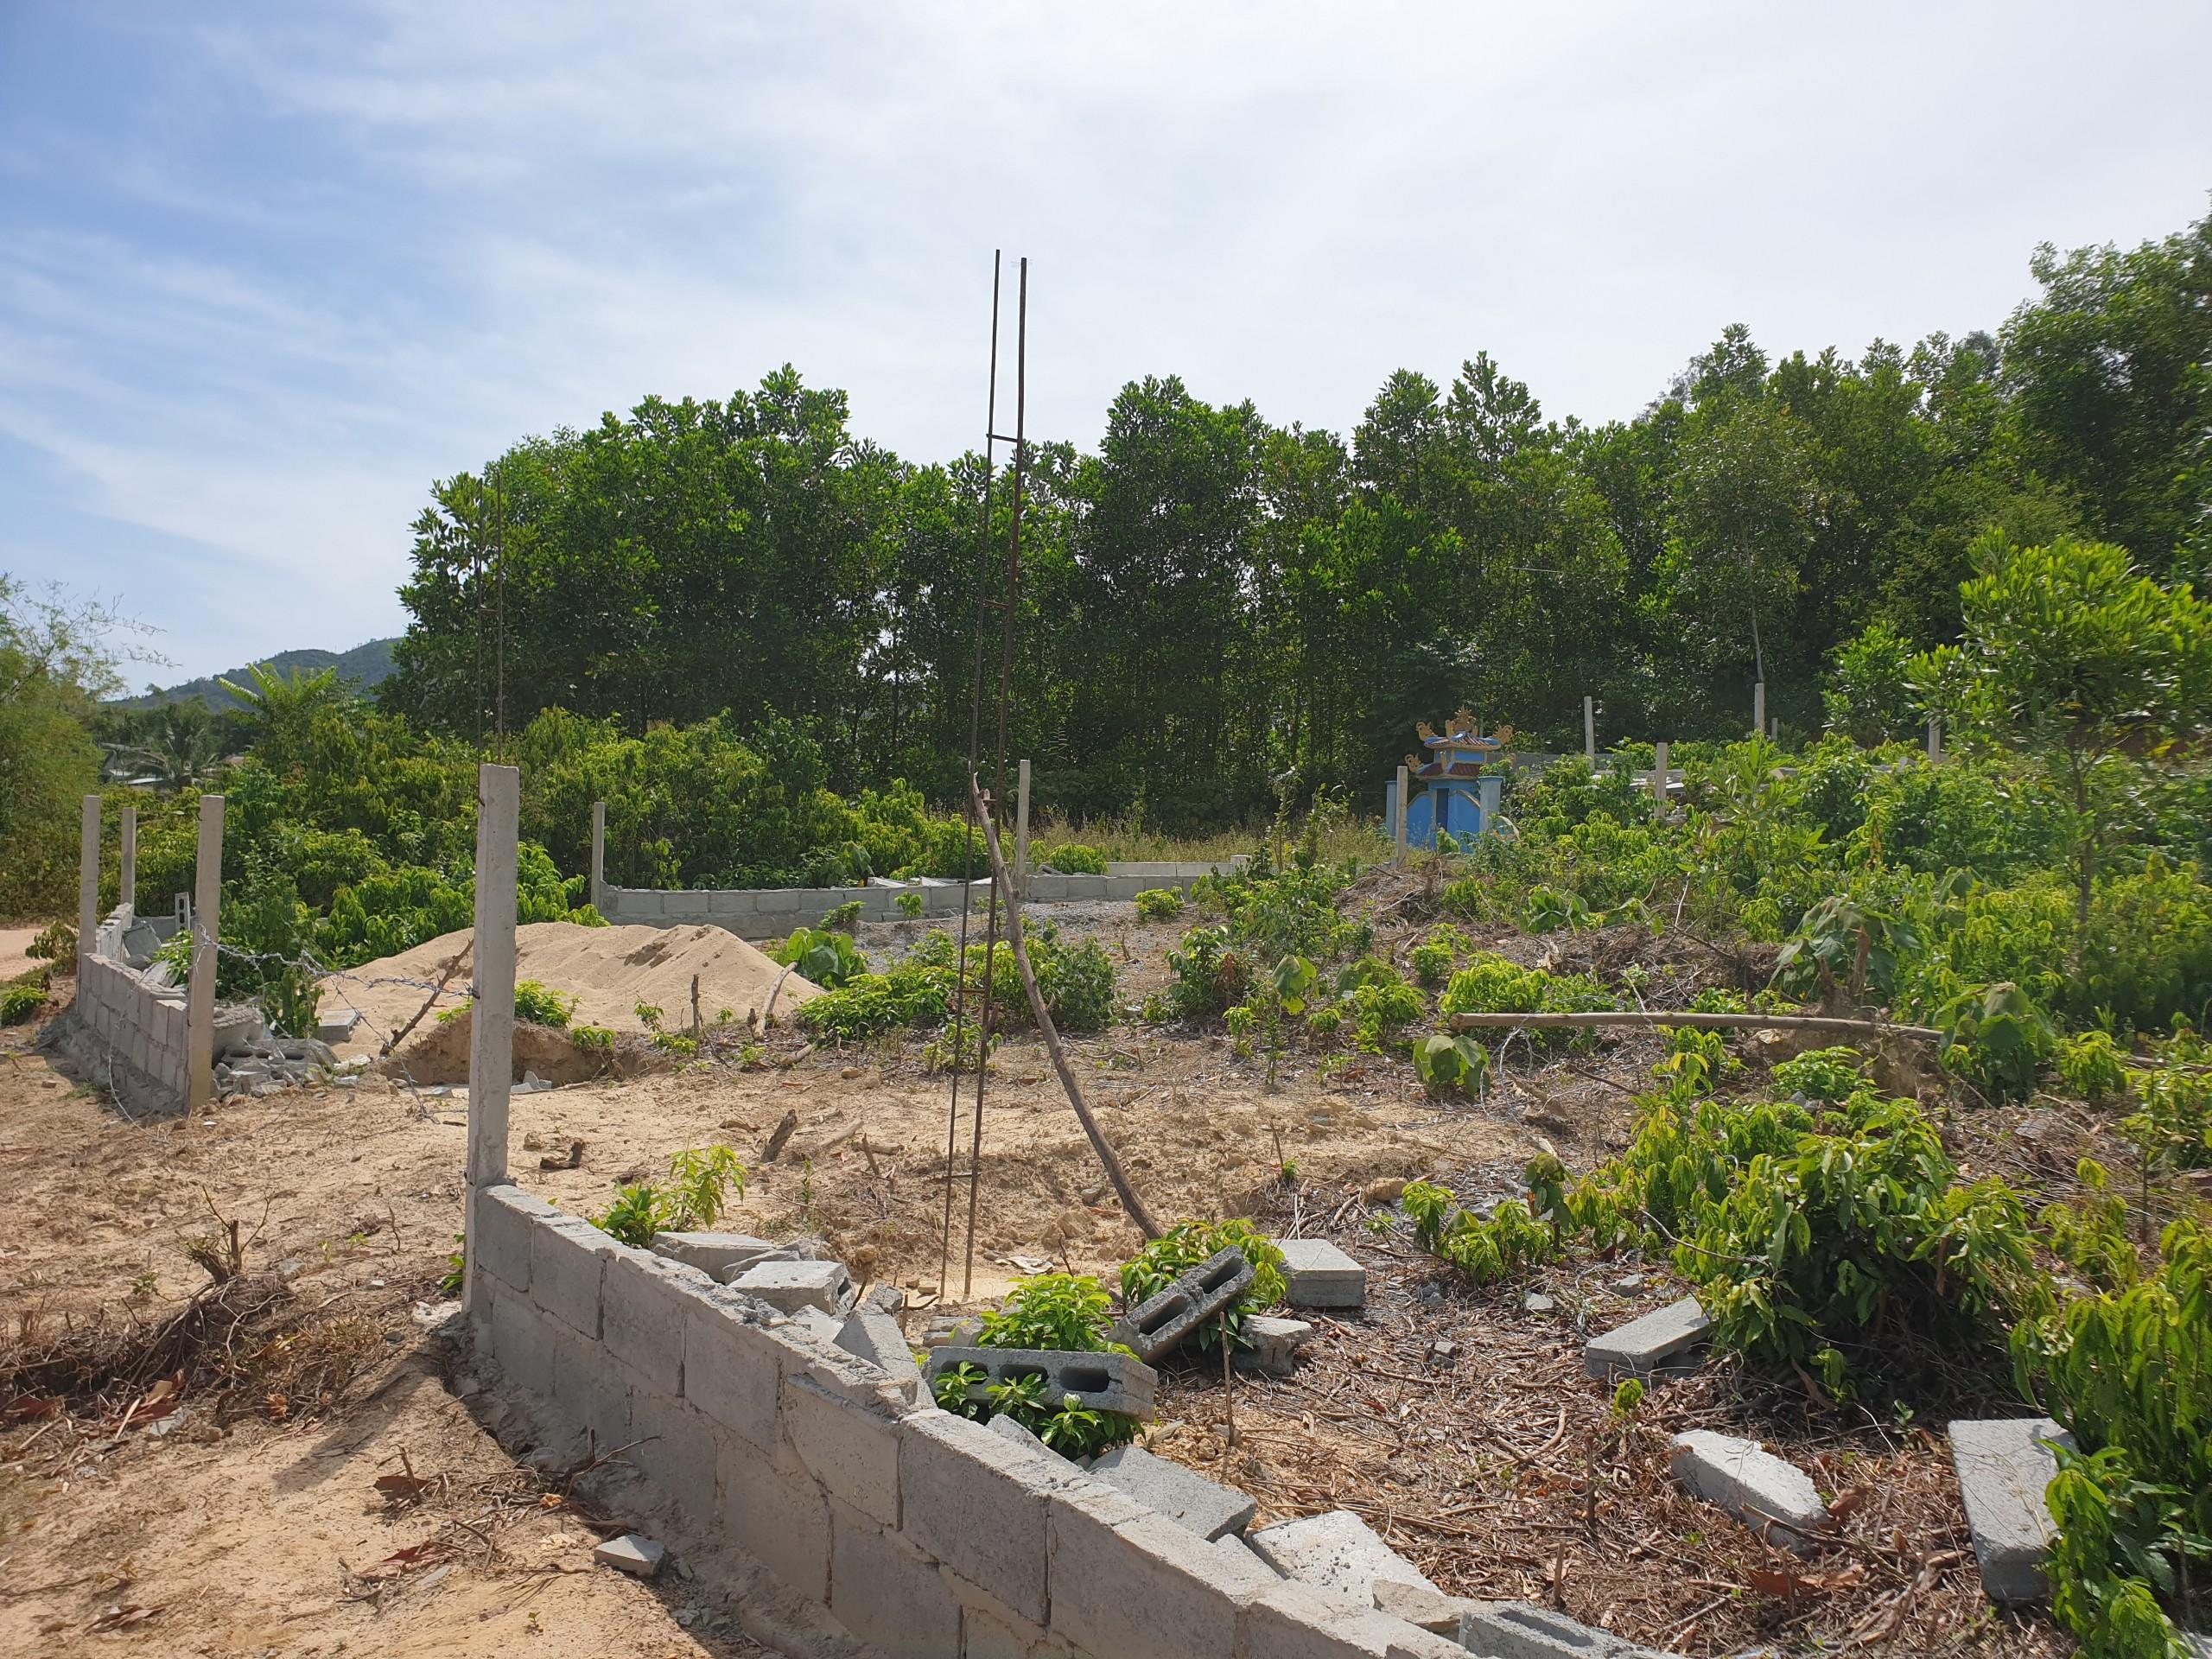 Dân sinh - Đà Nẵng: Xử lý hàng loạt công trình trái phép mọc lên ở Hoà Sơn